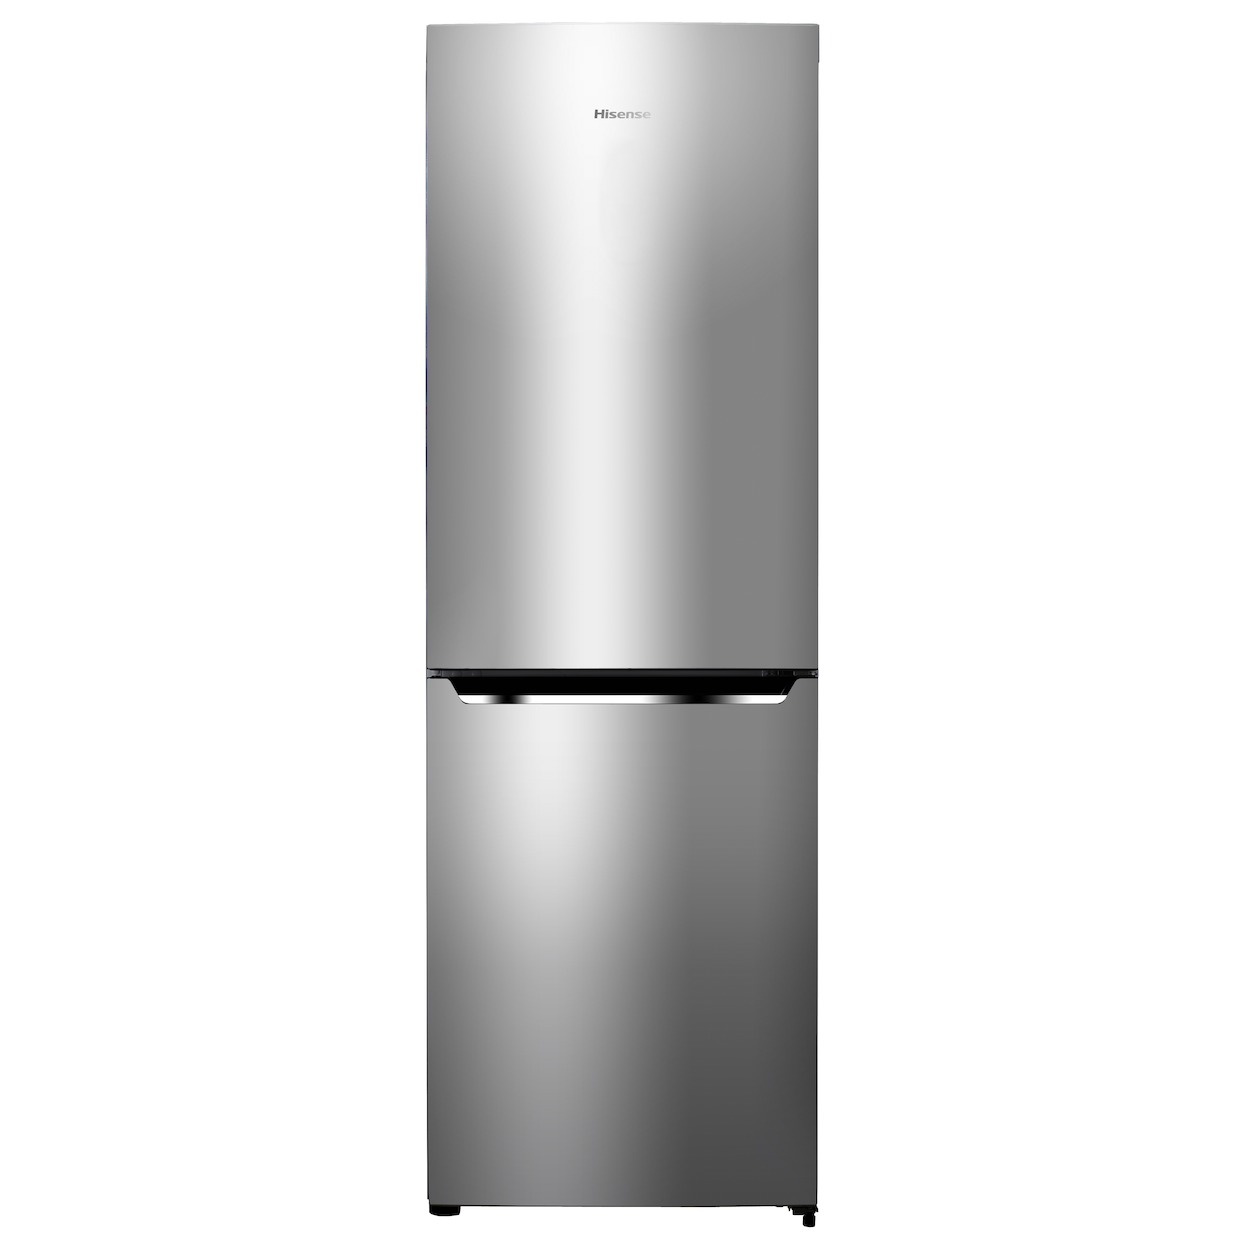 Hisense koelkast met vriesvak RB371N4EC1